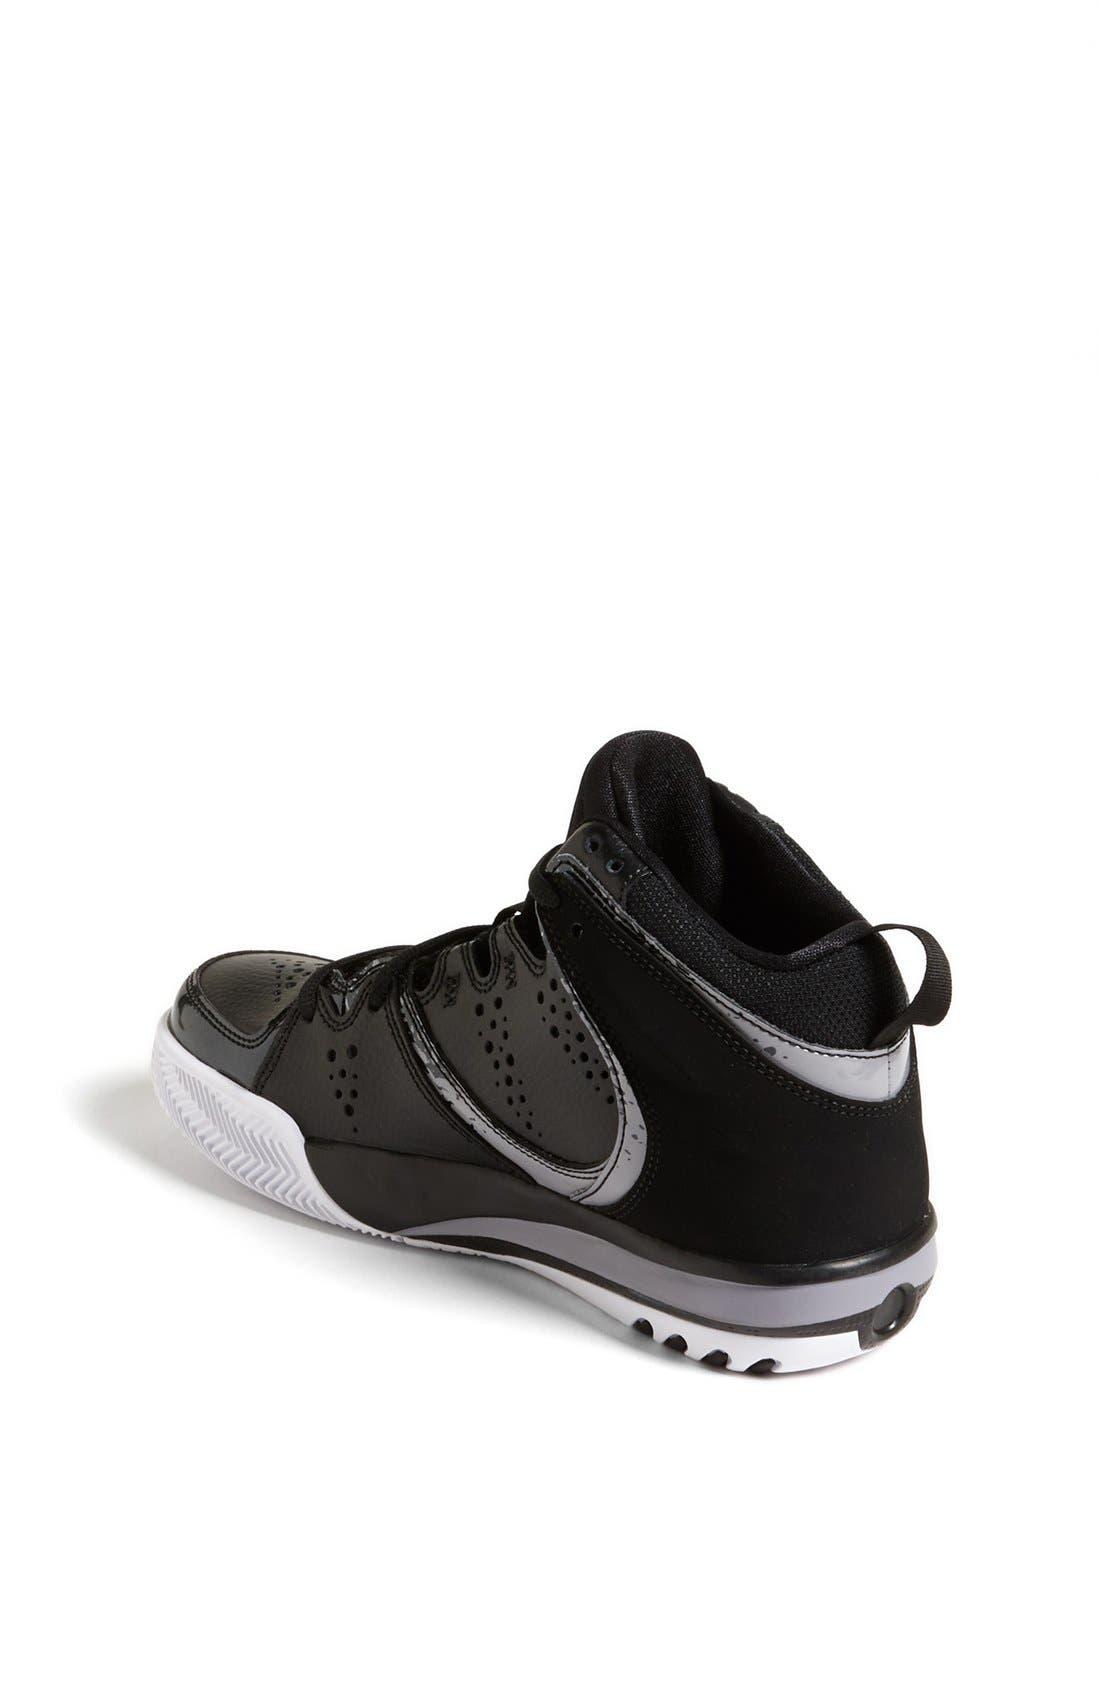 Alternate Image 2  - Nike 'Jordan Phase 23 2' Sneaker (Toddler & Little Kid)